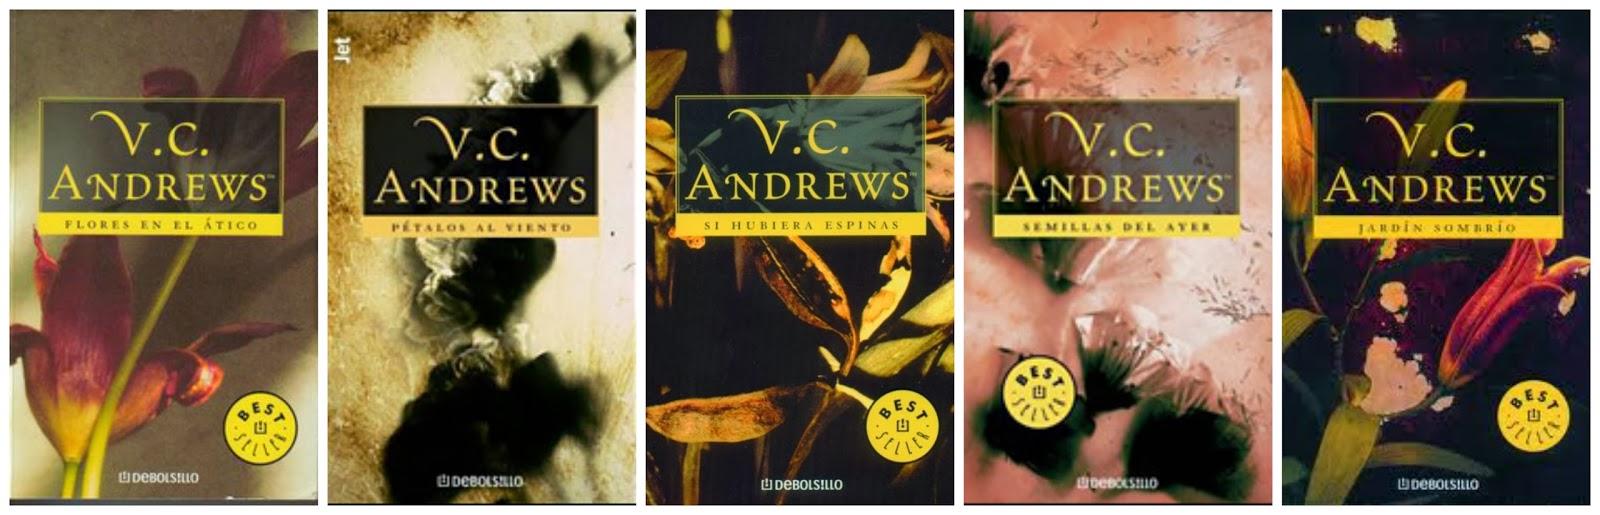 Mi Mundo De Libros Revelan Trailer De La Nueva Adaptacion De Flores